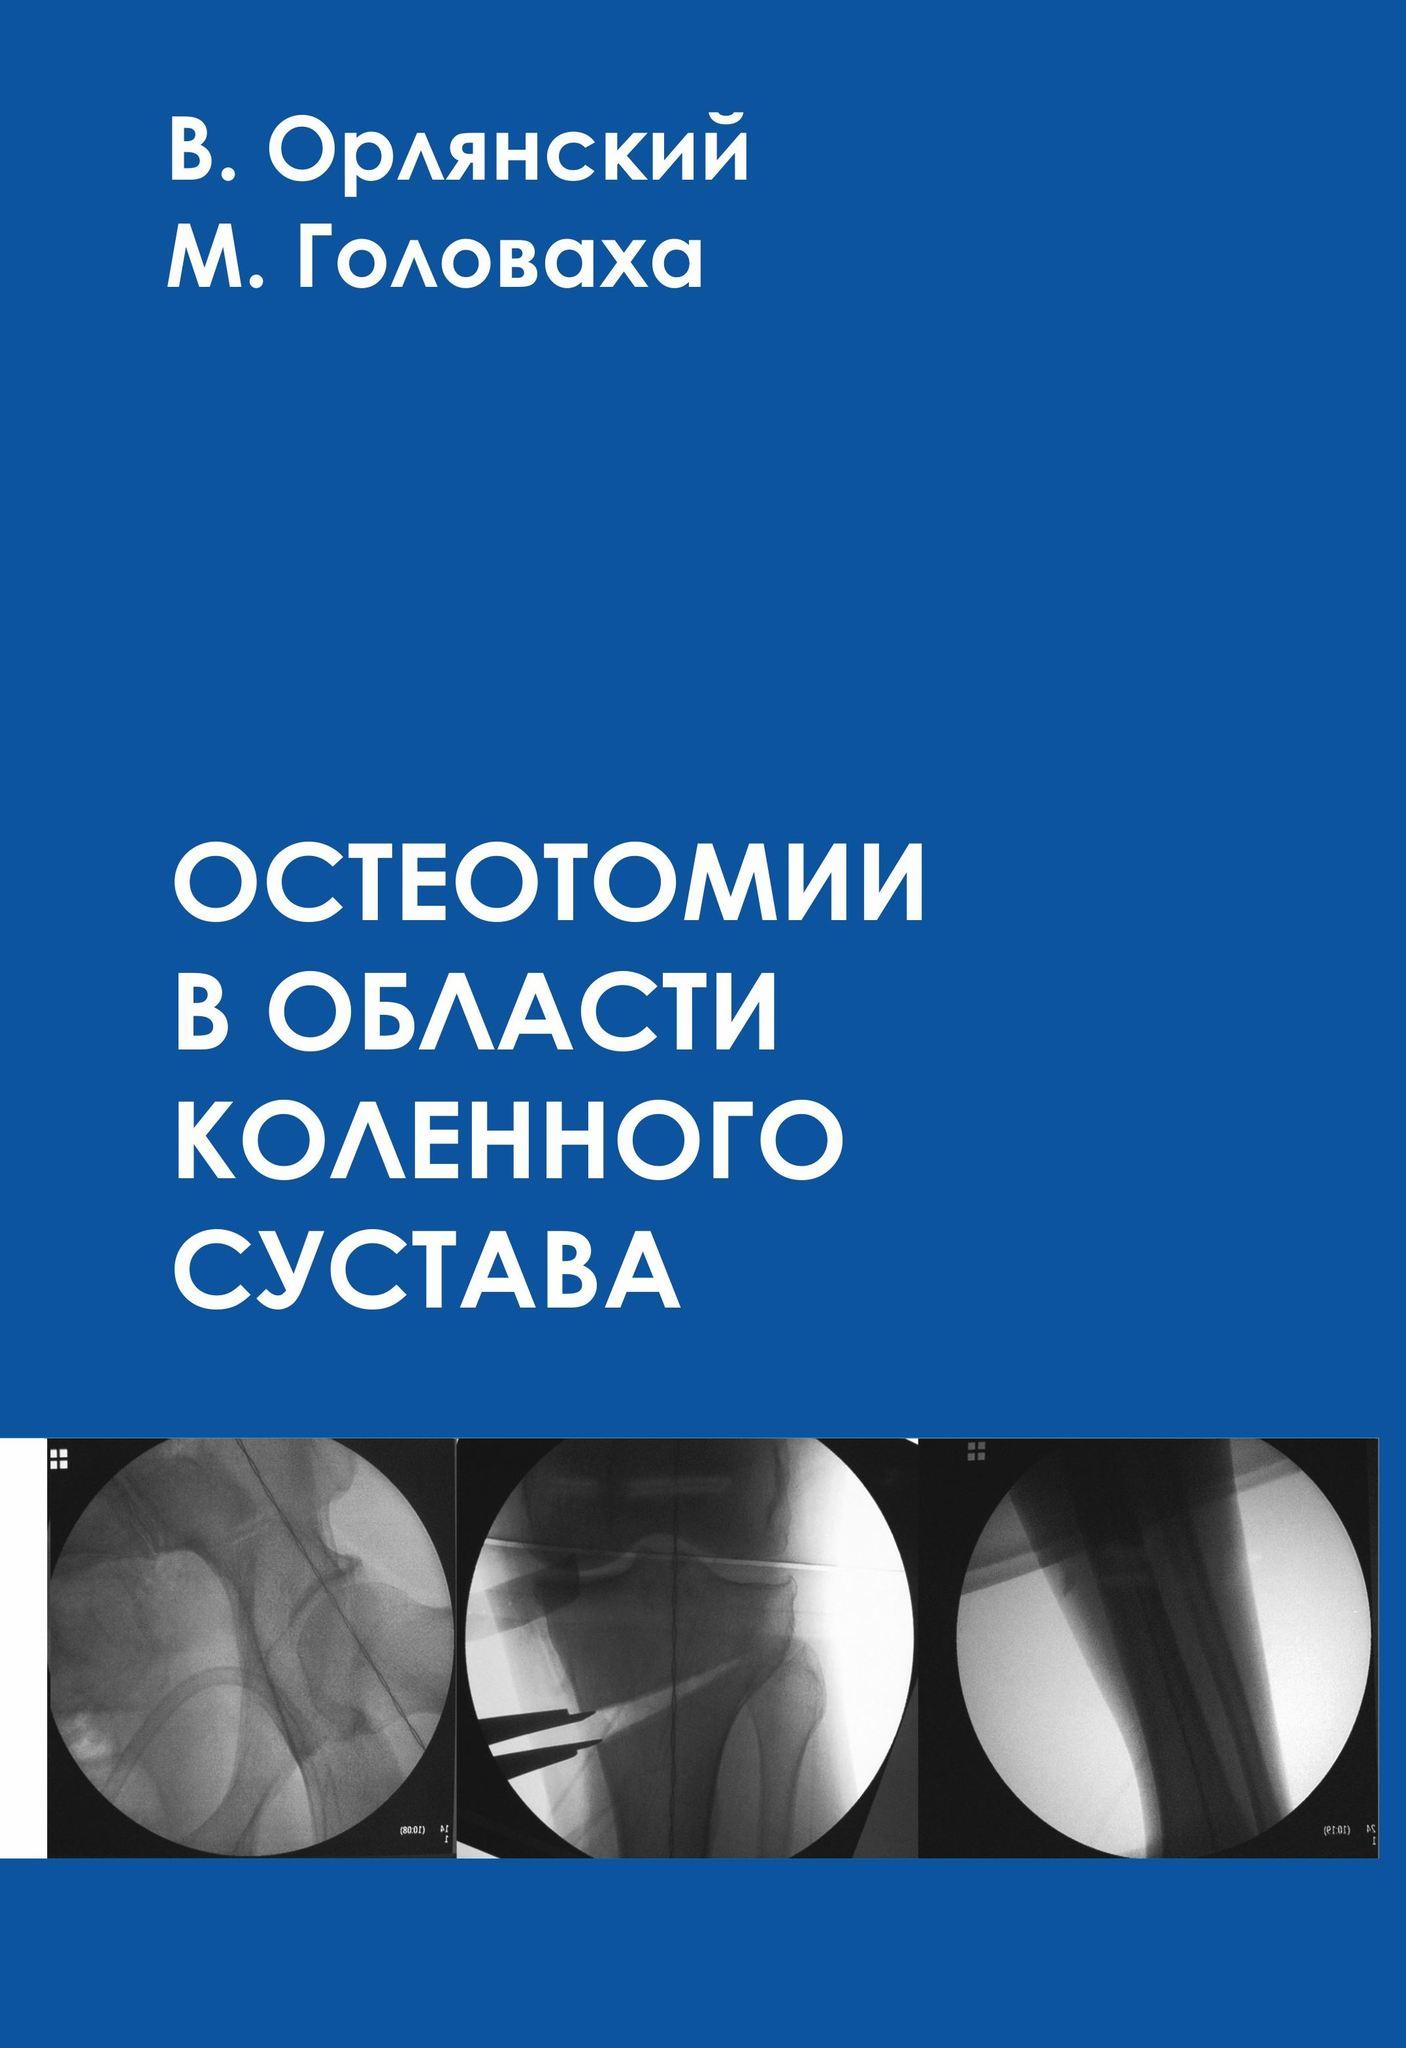 Конечности Остеотомии в области коленного сустава Обложка1.jpg